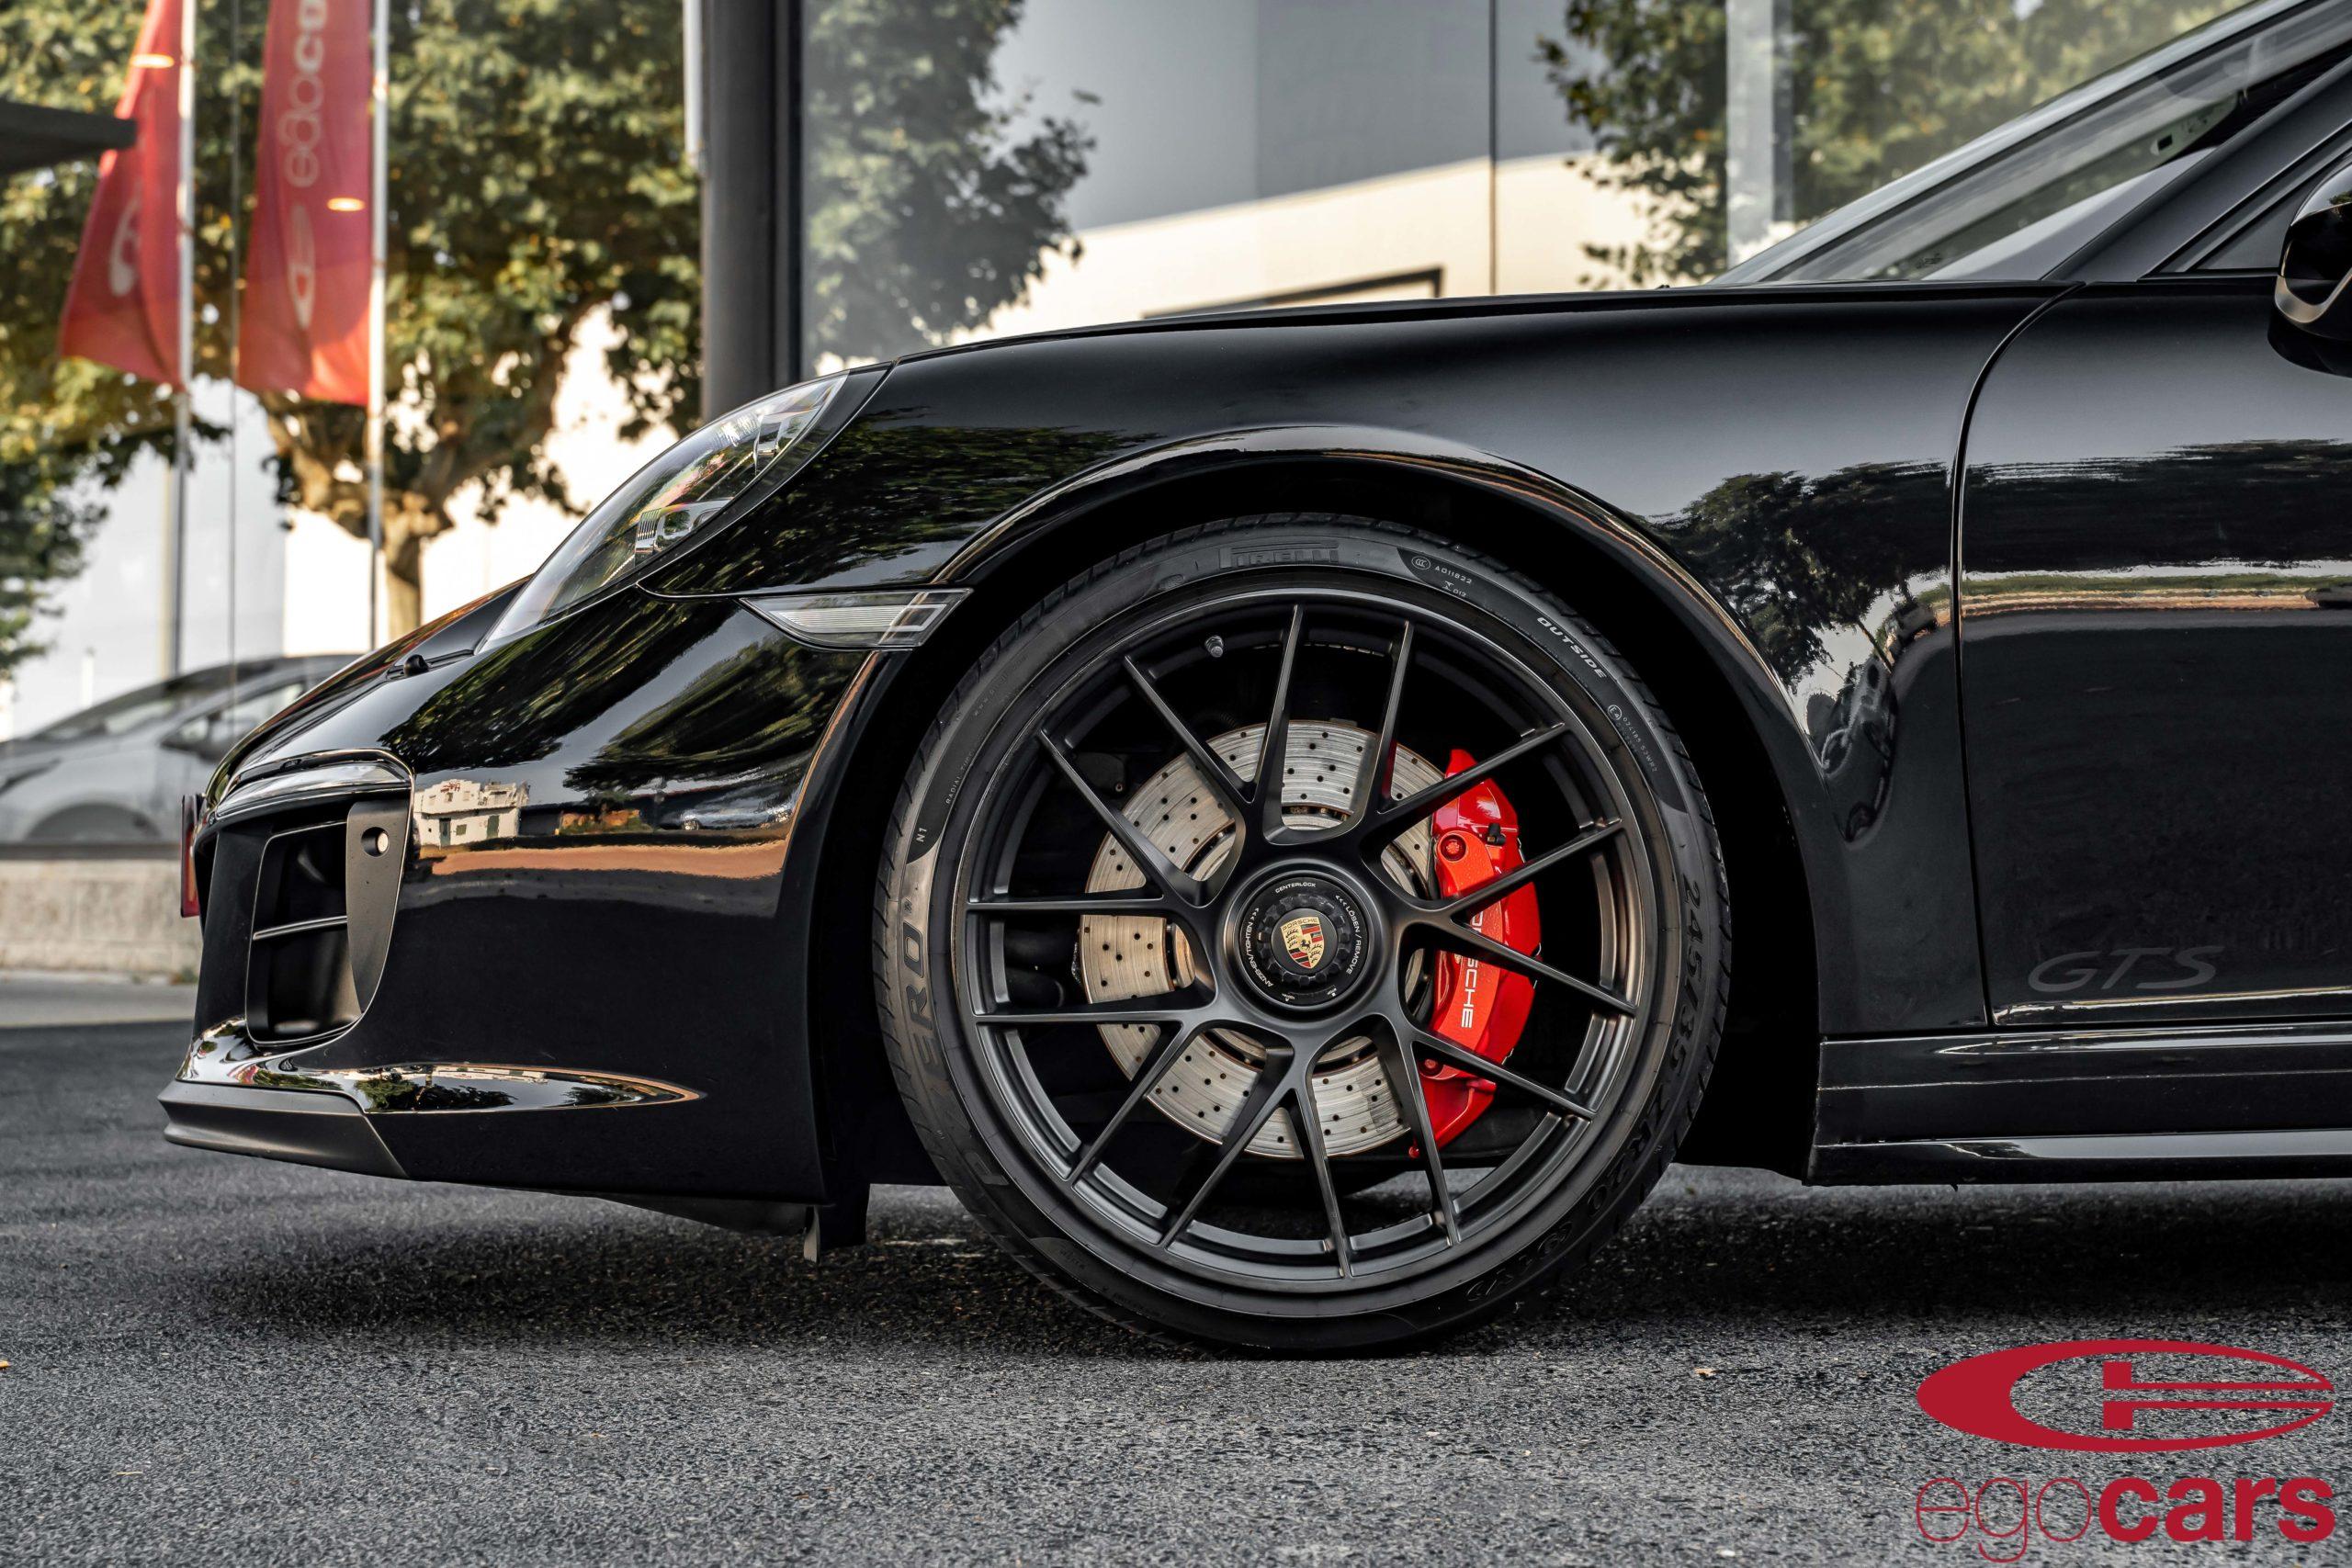 911 CARRERA 4 GTS NEGRO EGOCARS_36